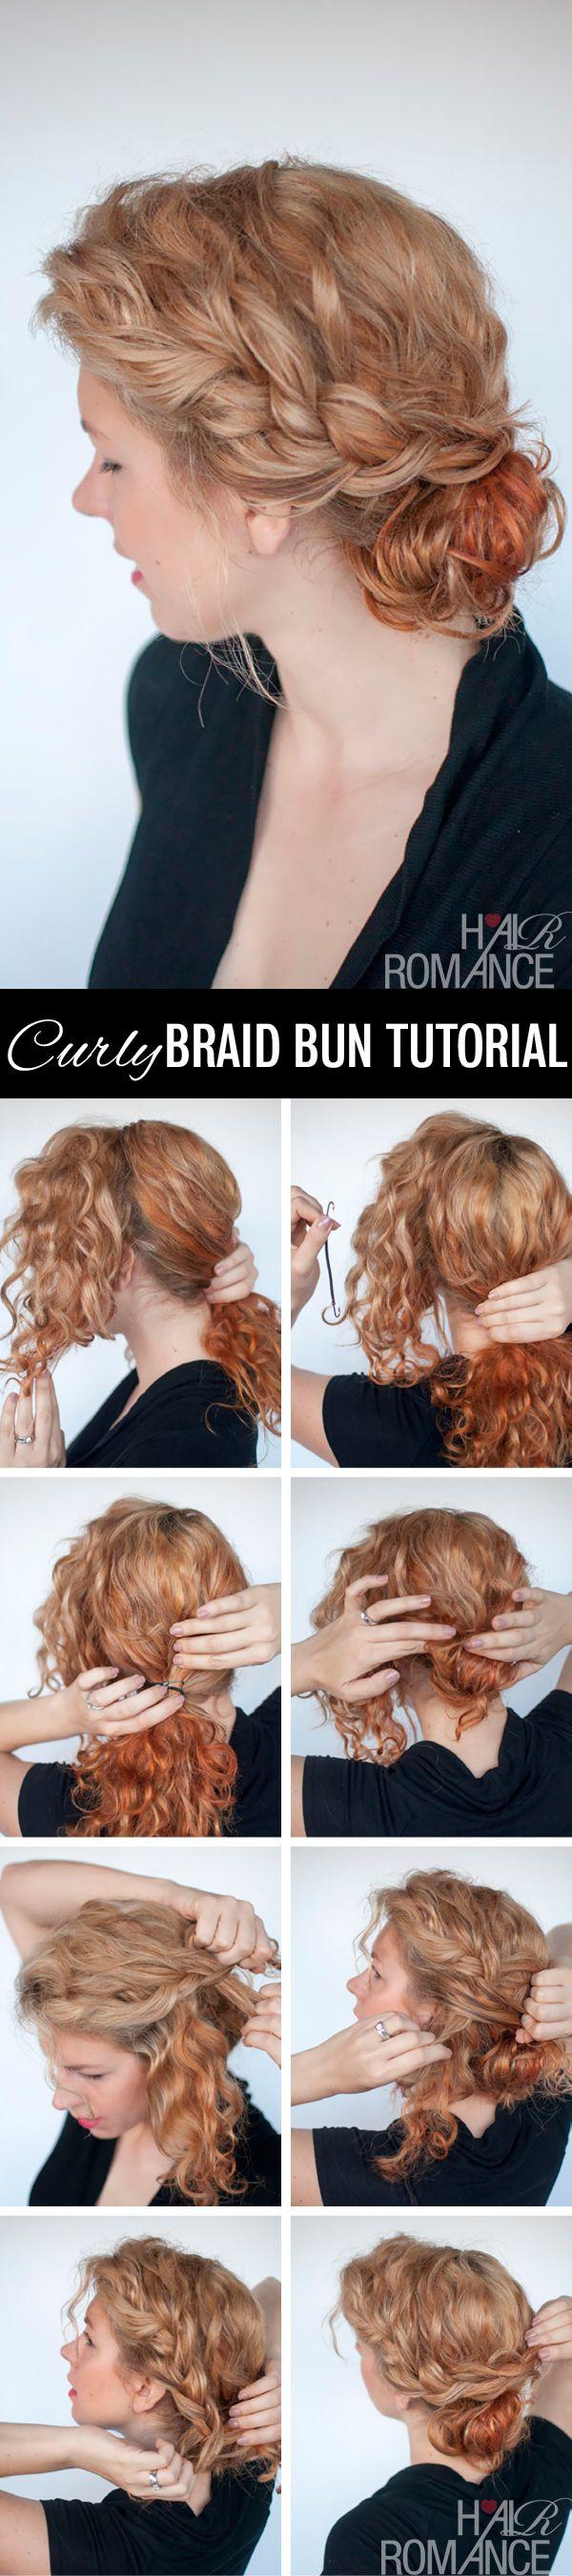 Hair Romance - curly braid bun hair tutorial